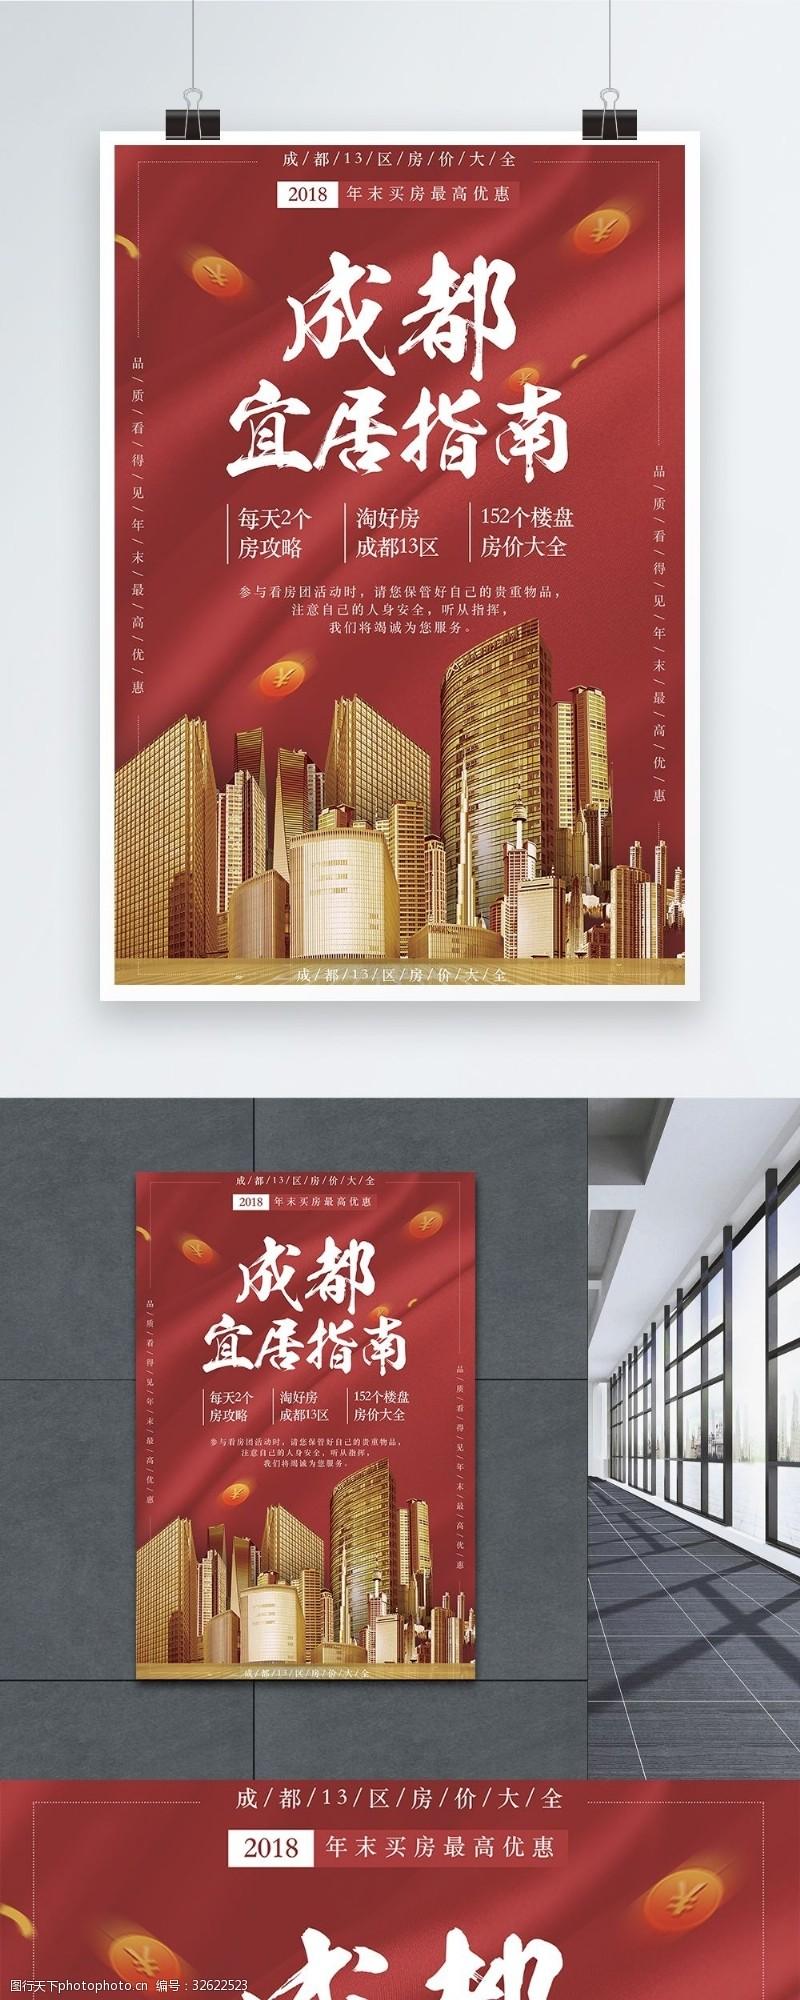 紅色大氣成都宜居指南房地產海報設計